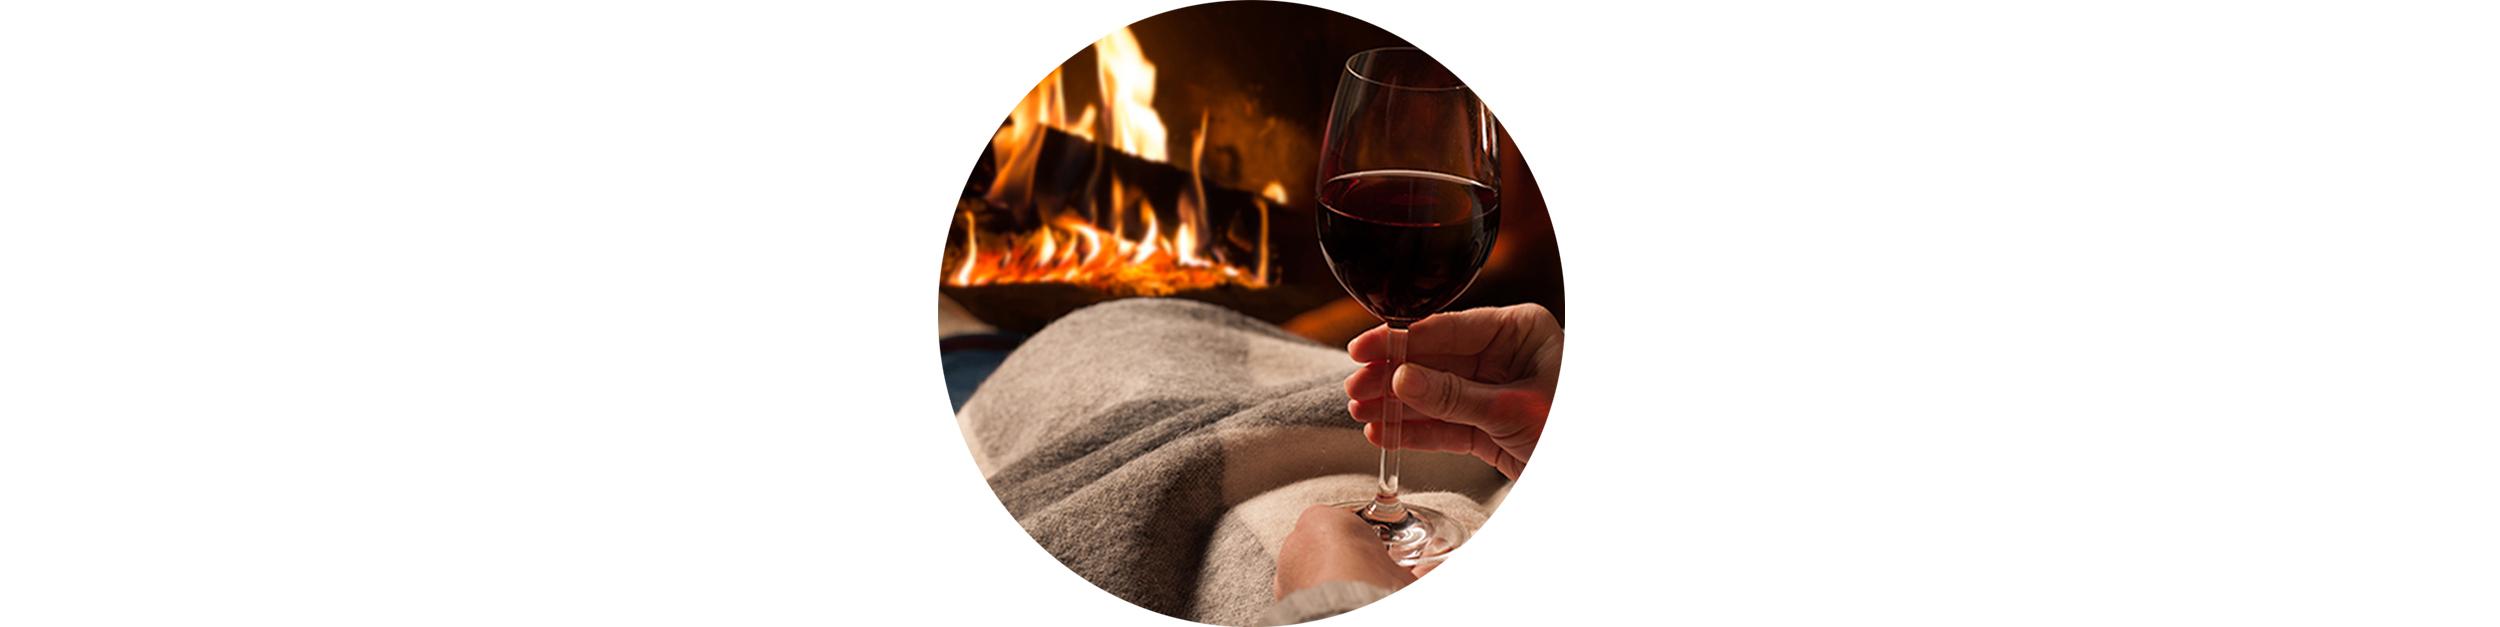 Thuisgenieten wijn herfst promo